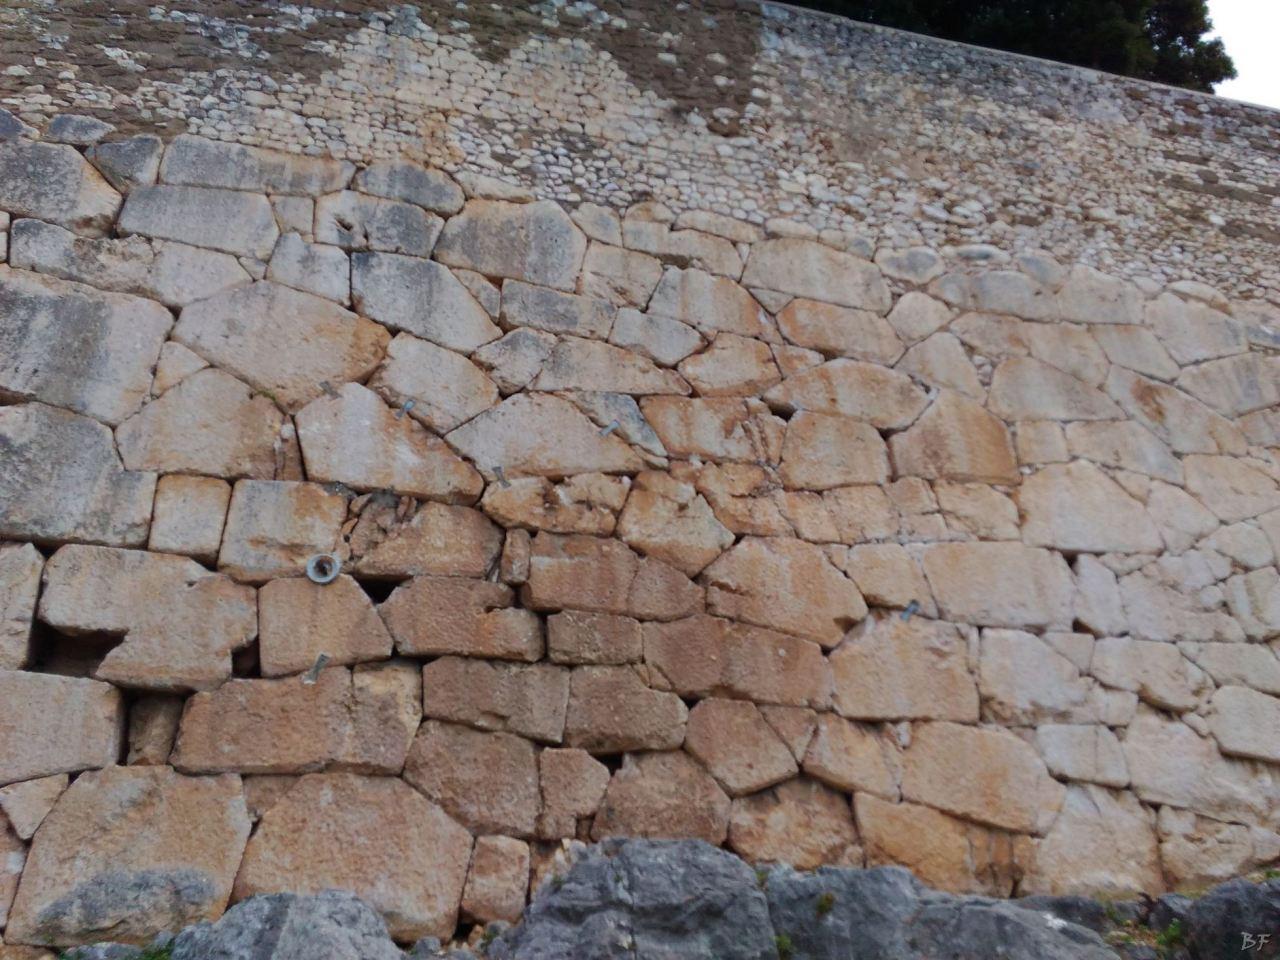 Cora-Mura-Poligonali-Megalitiche-Cori-Latina-Lazio-Italia-7